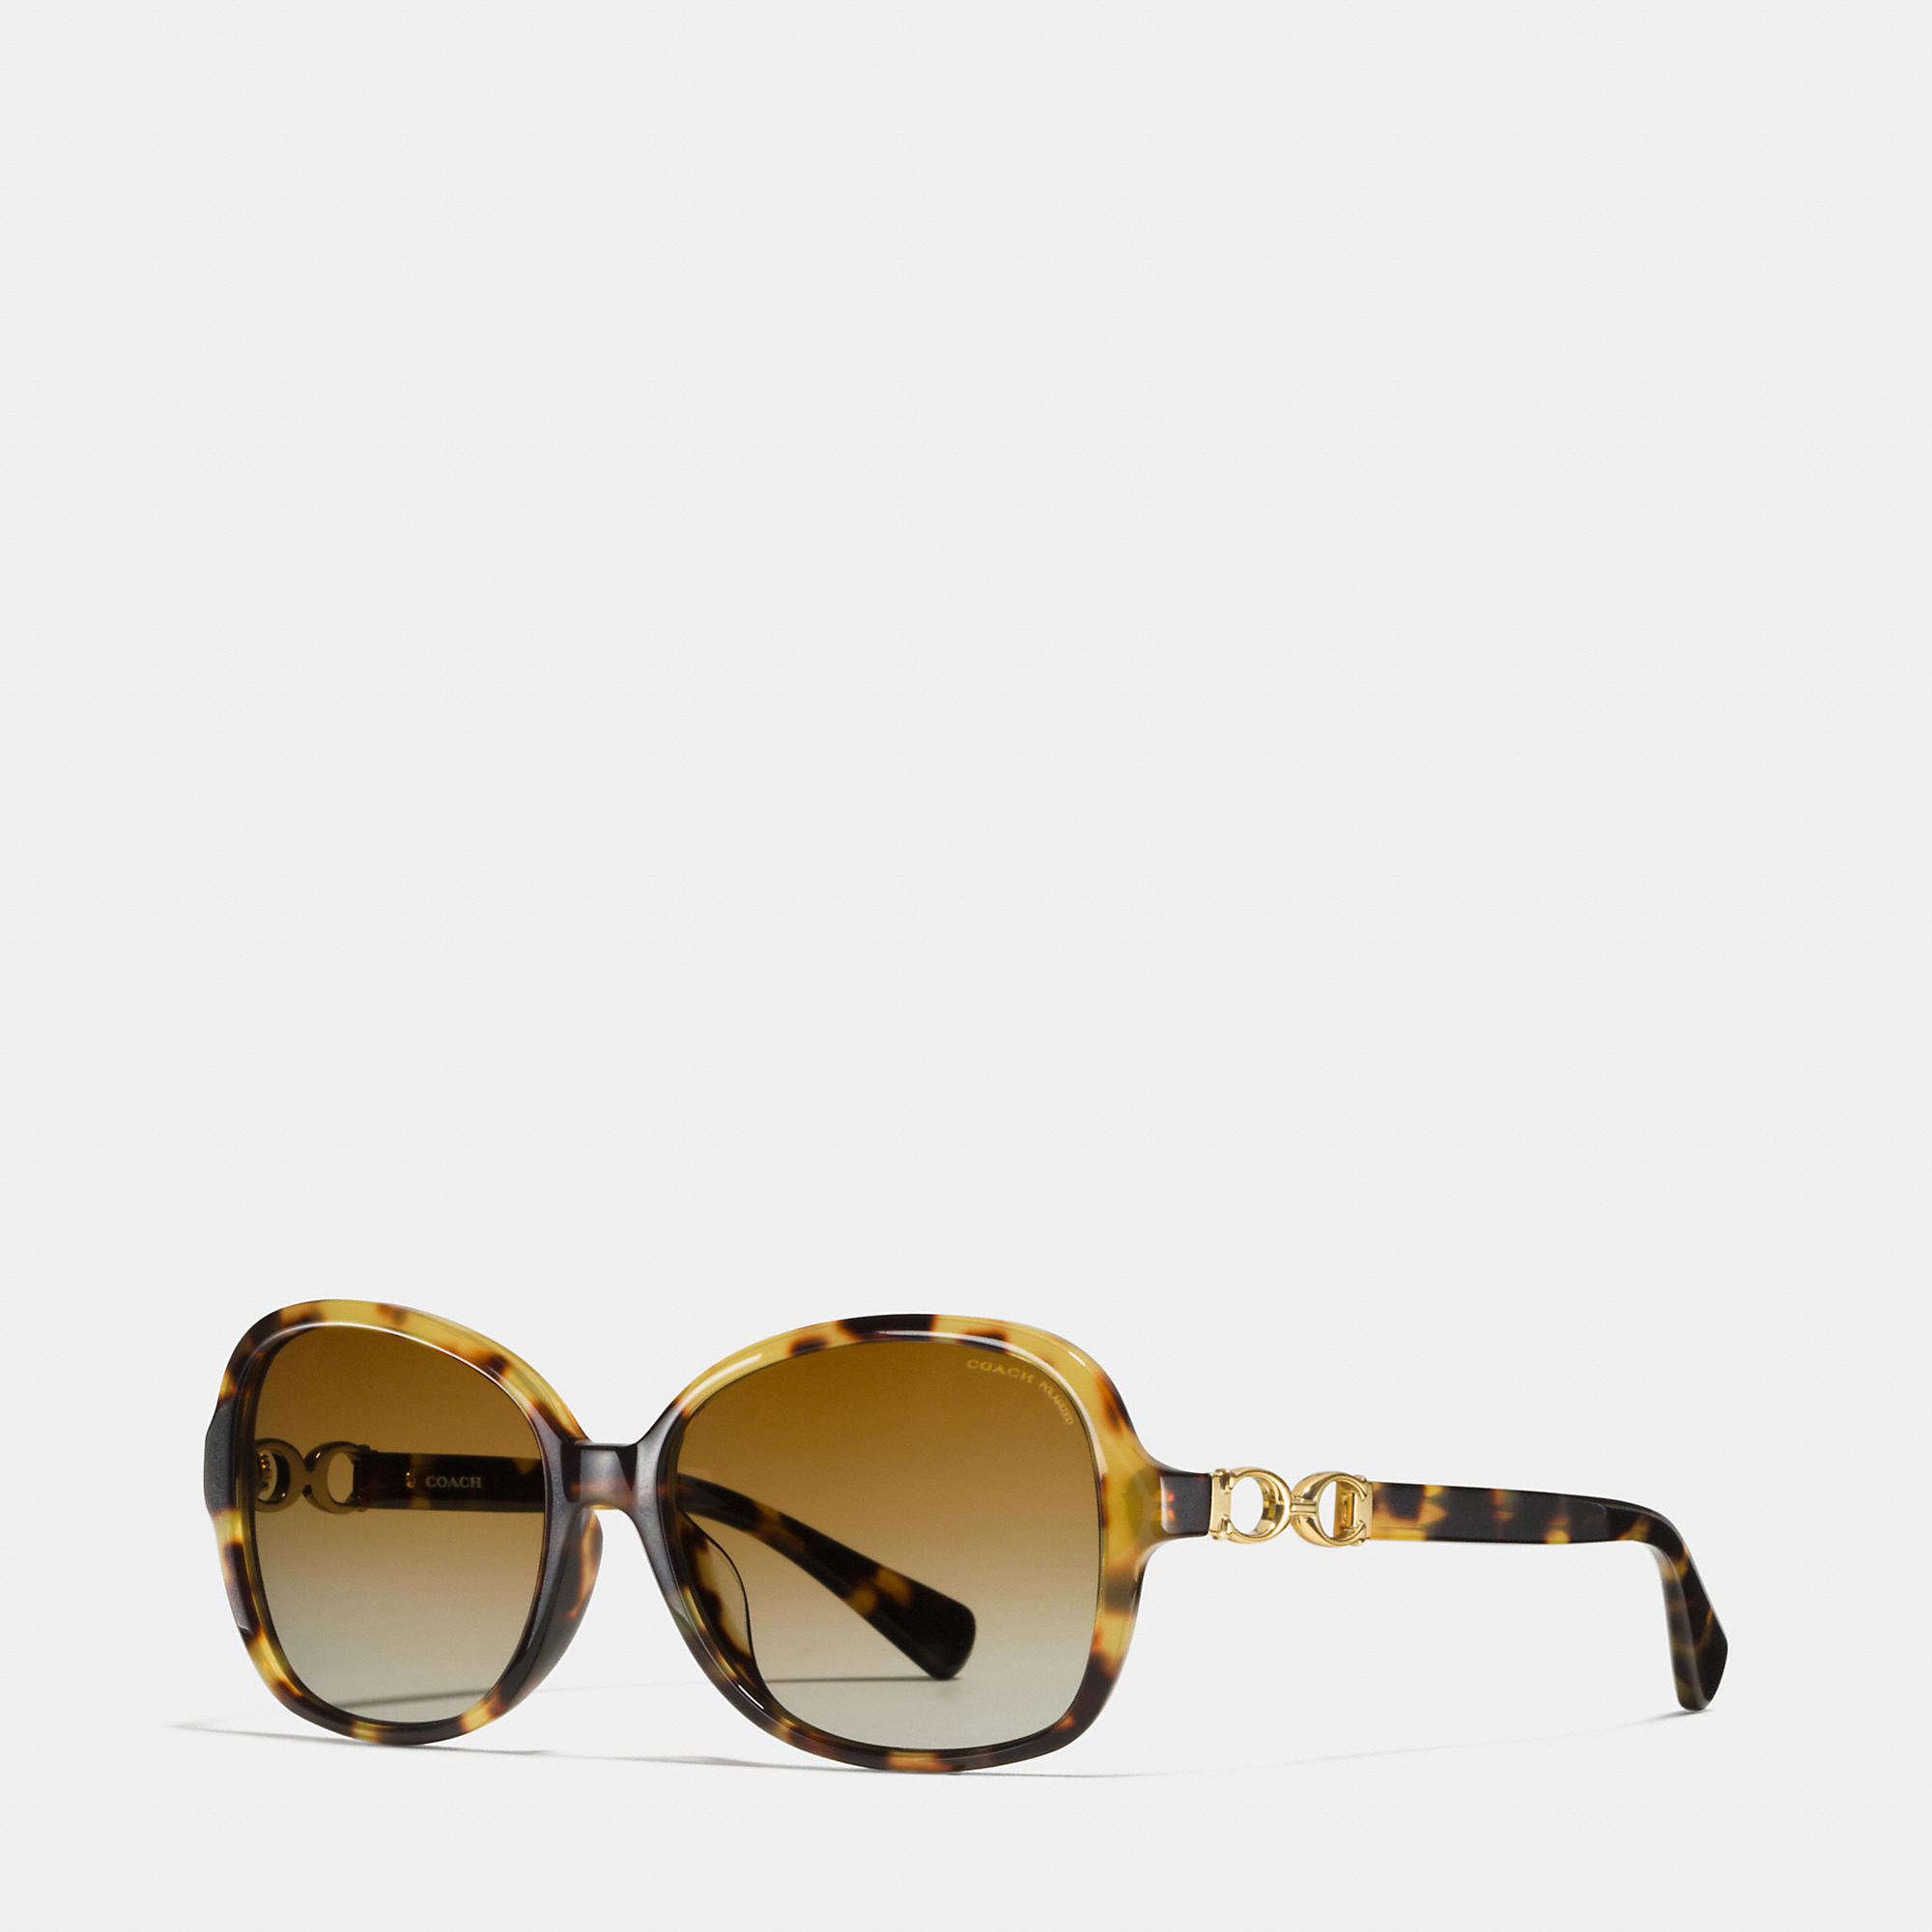 0180e54f084e7 Coach Emma Sunglasses Polarized